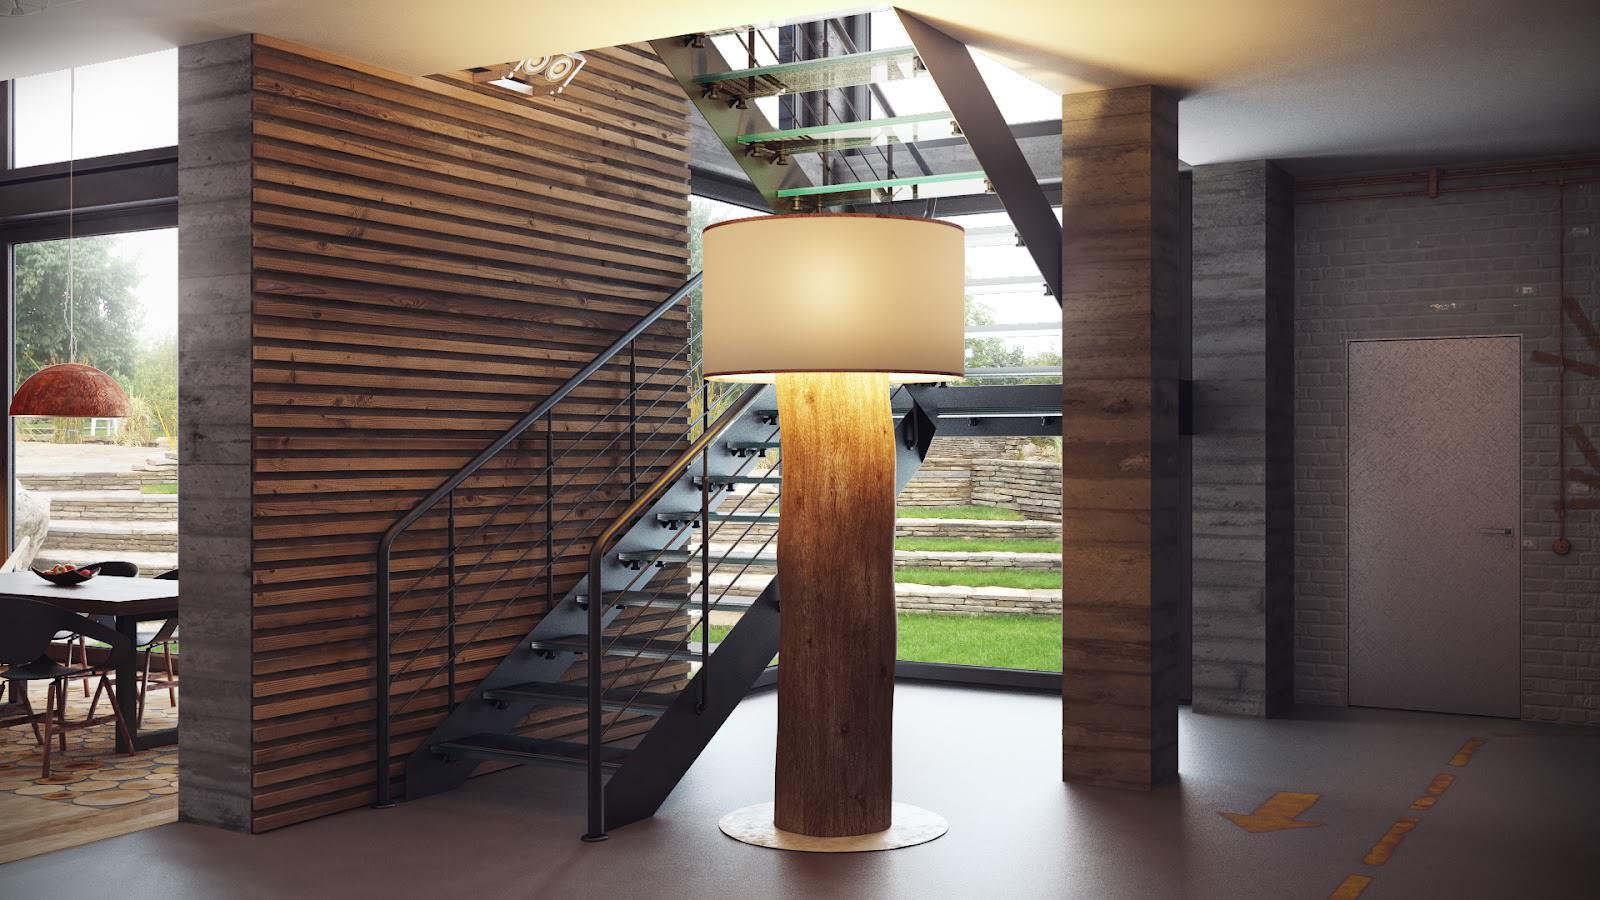 Три роскошных лофта: Фотообзор промышленных интерьеров